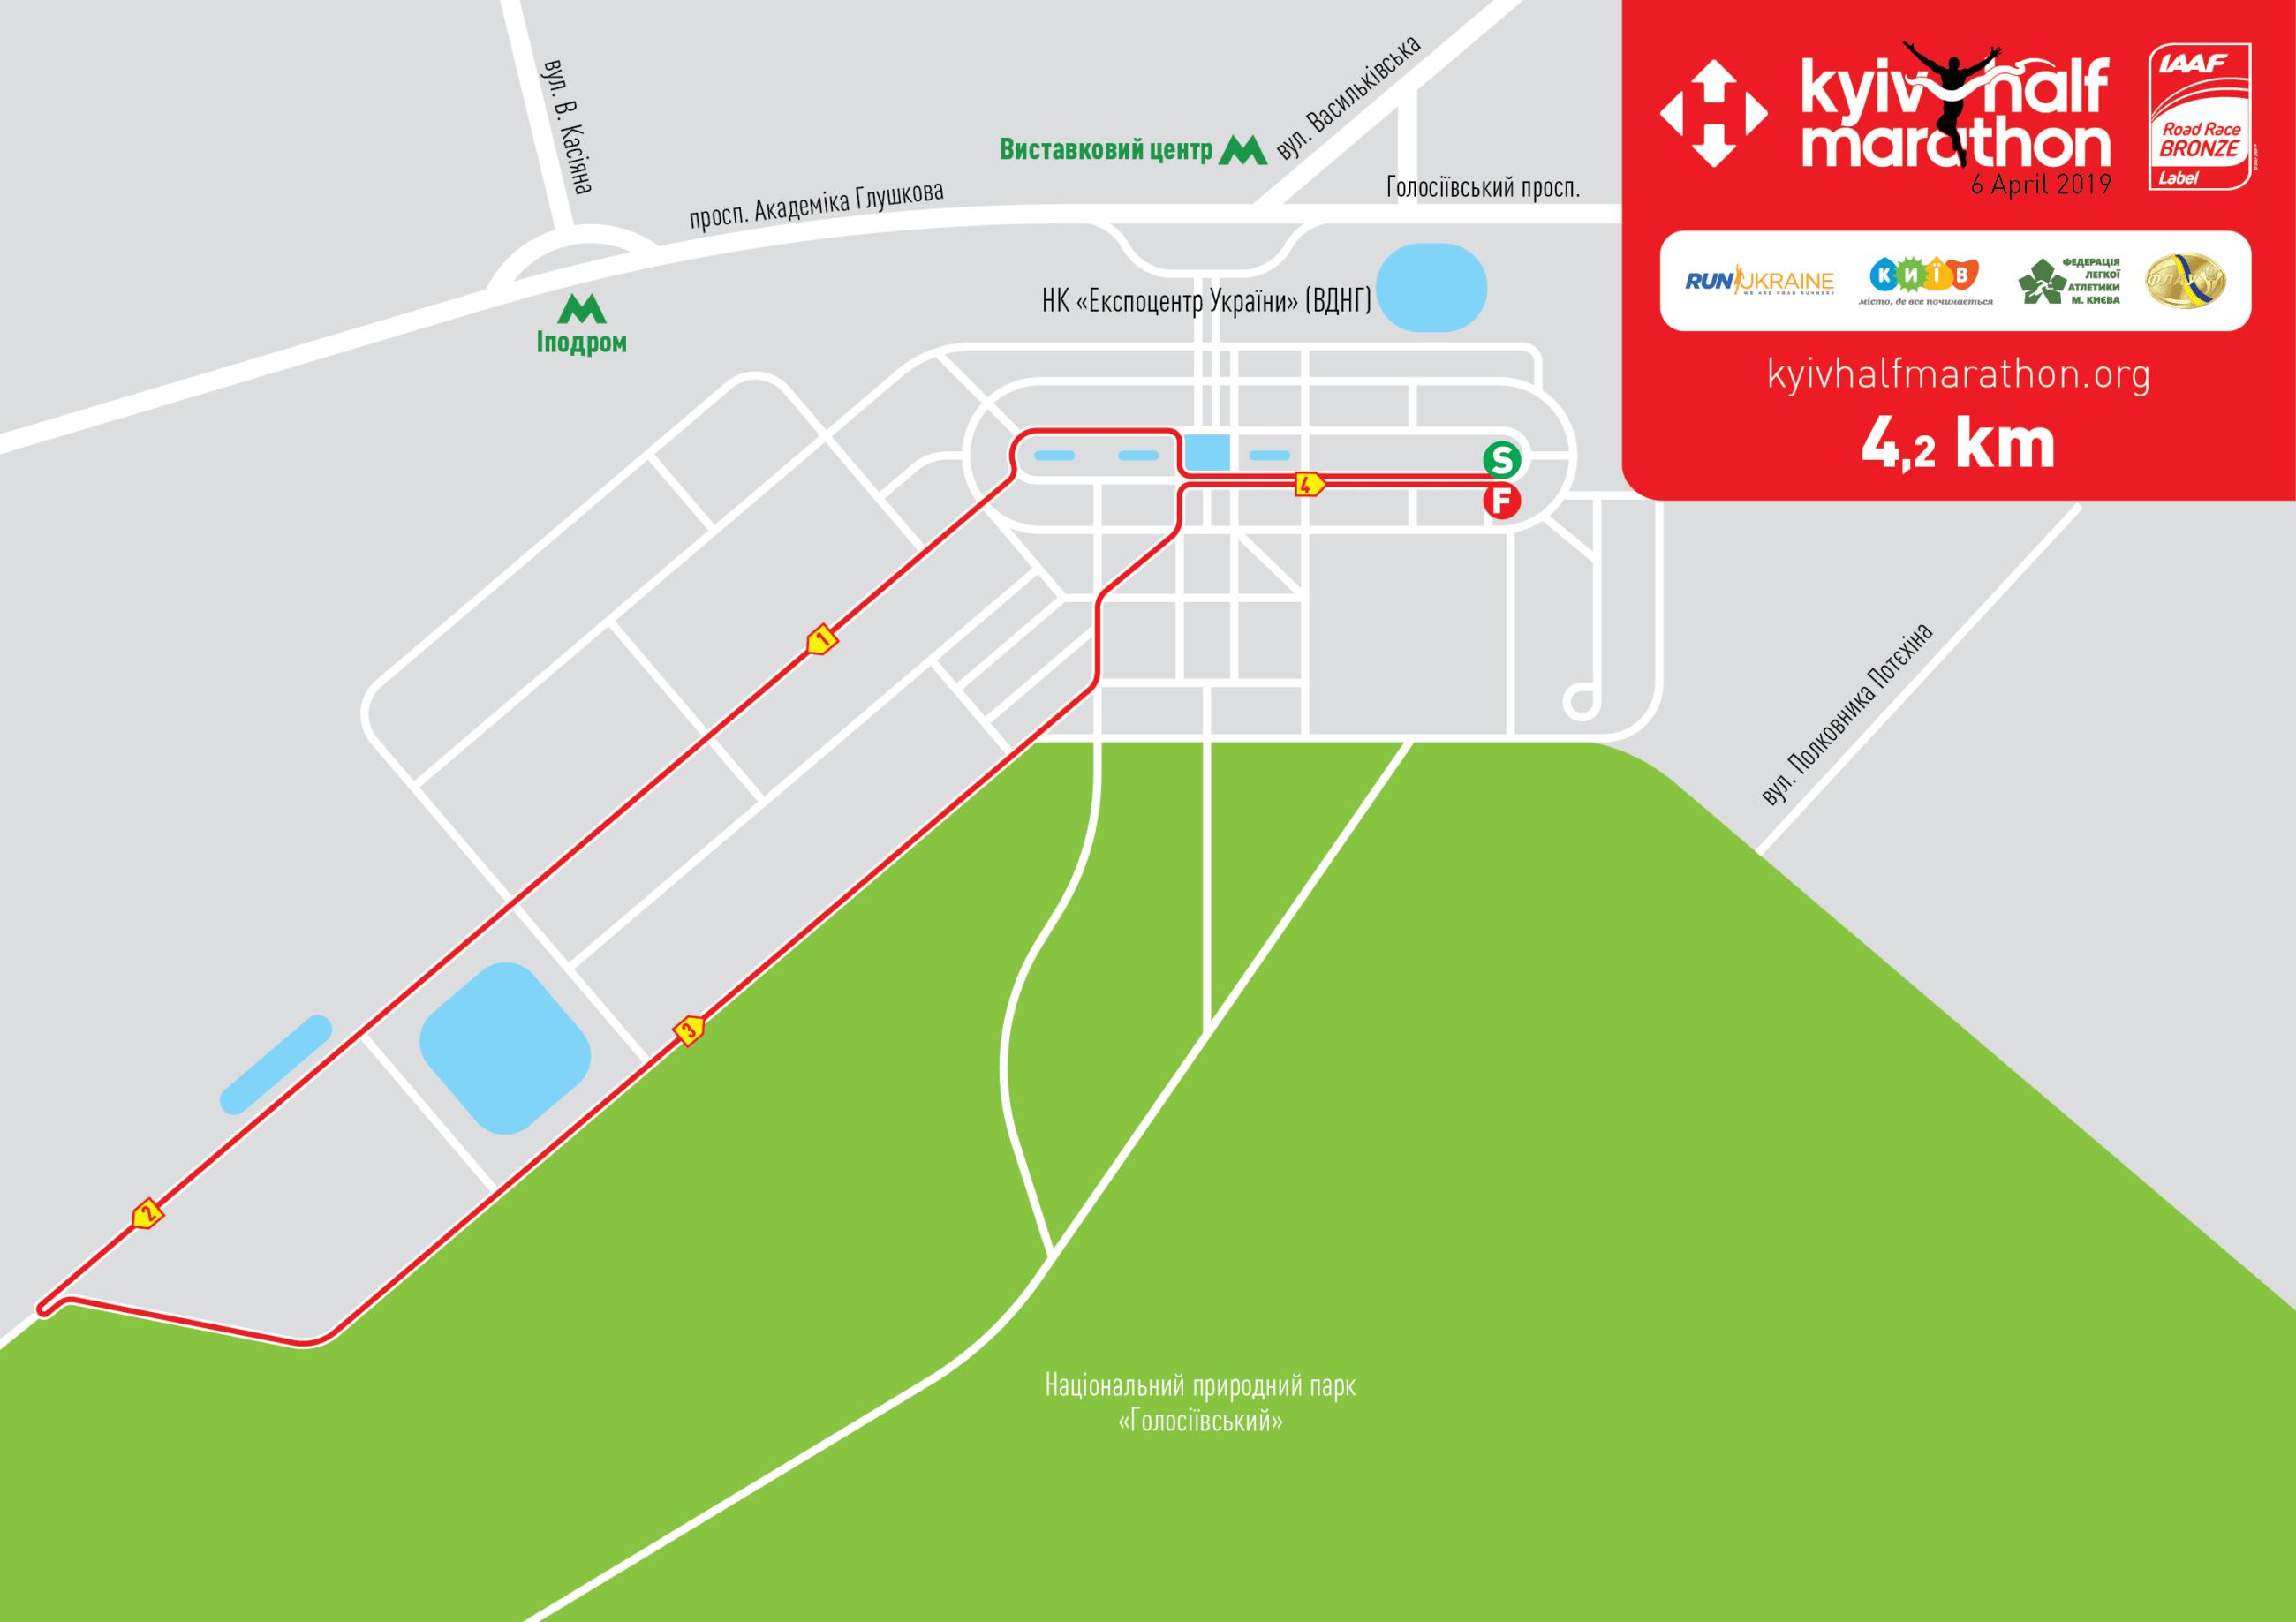 Rexona Mini Marathon 42 Km Nova Poshta Kyiv Half Marathon